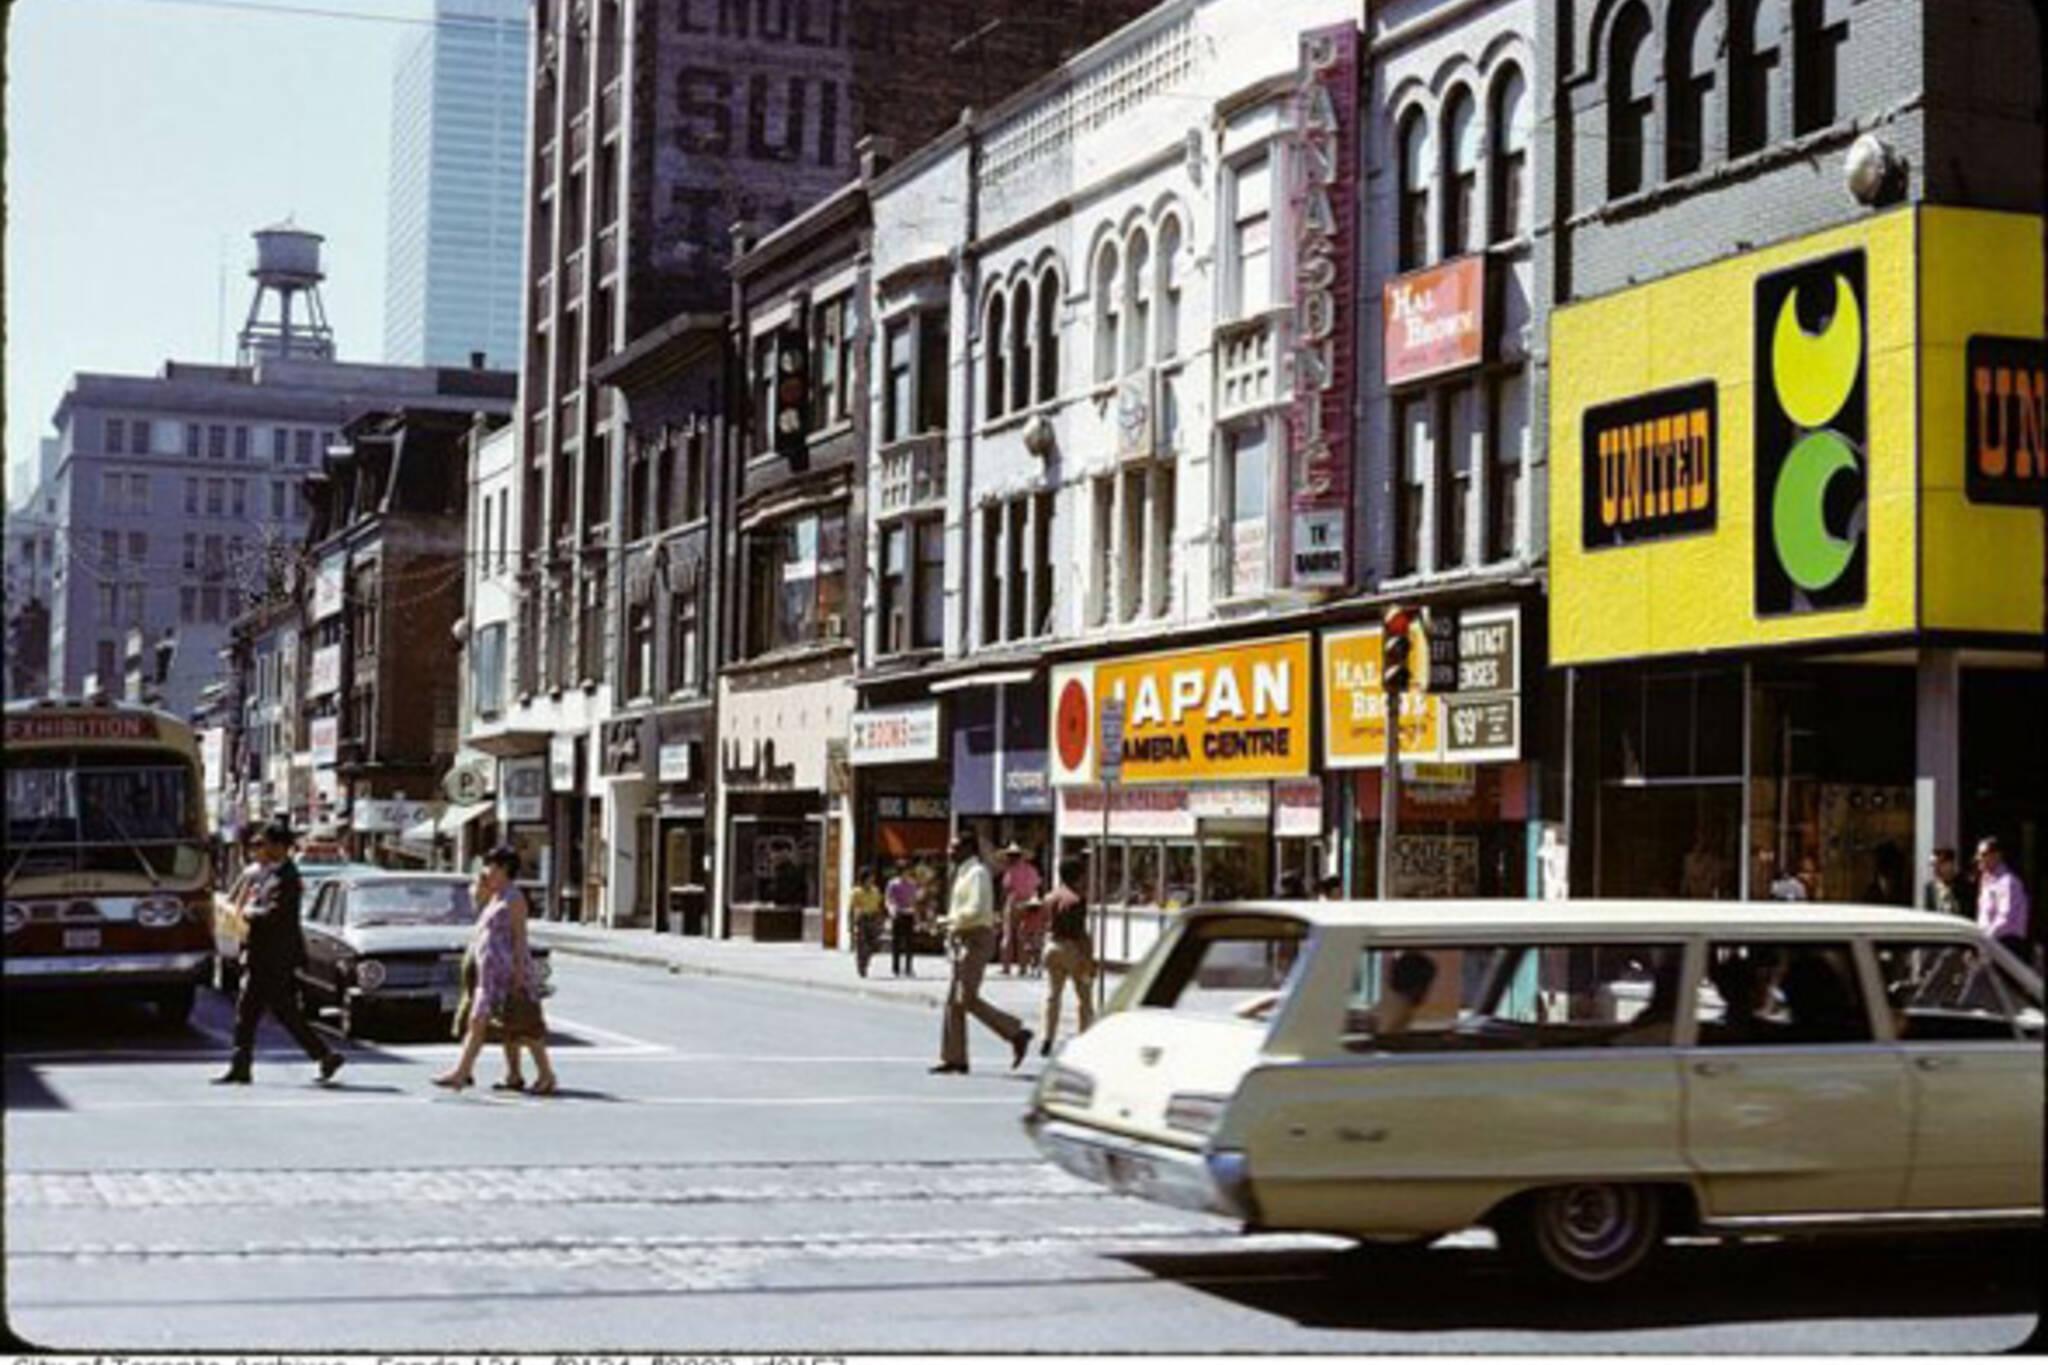 Kodachrome Toronto